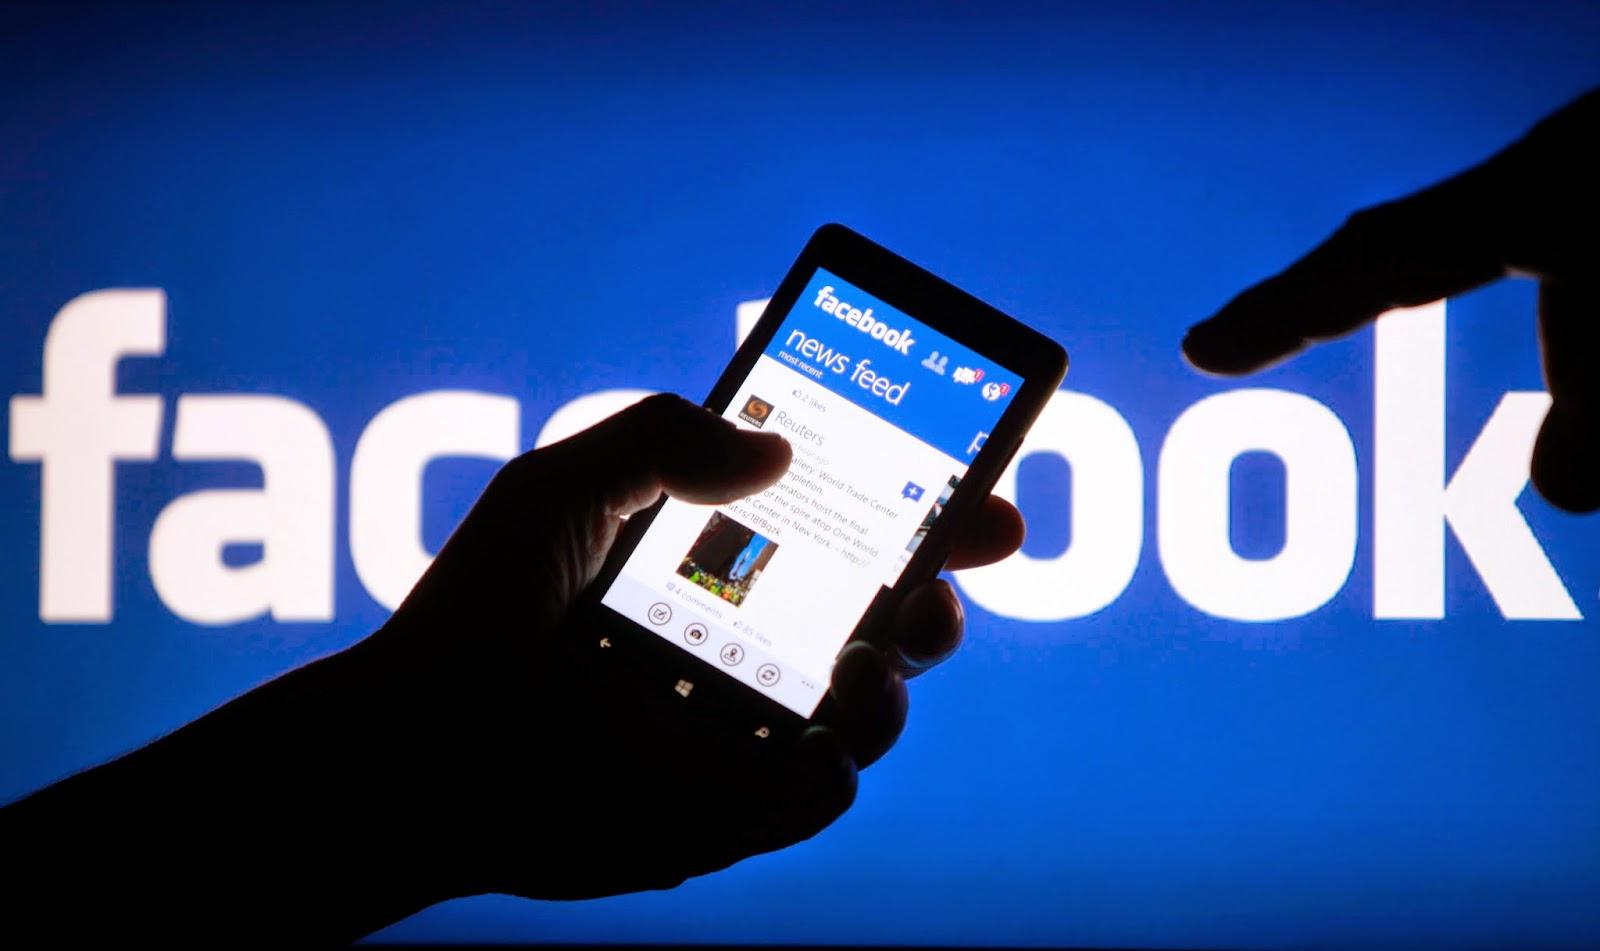 comment savoir le num u00e9ro de t u00e9l u00e9phone de vos amis sur facebook dans quelque seconde facilement